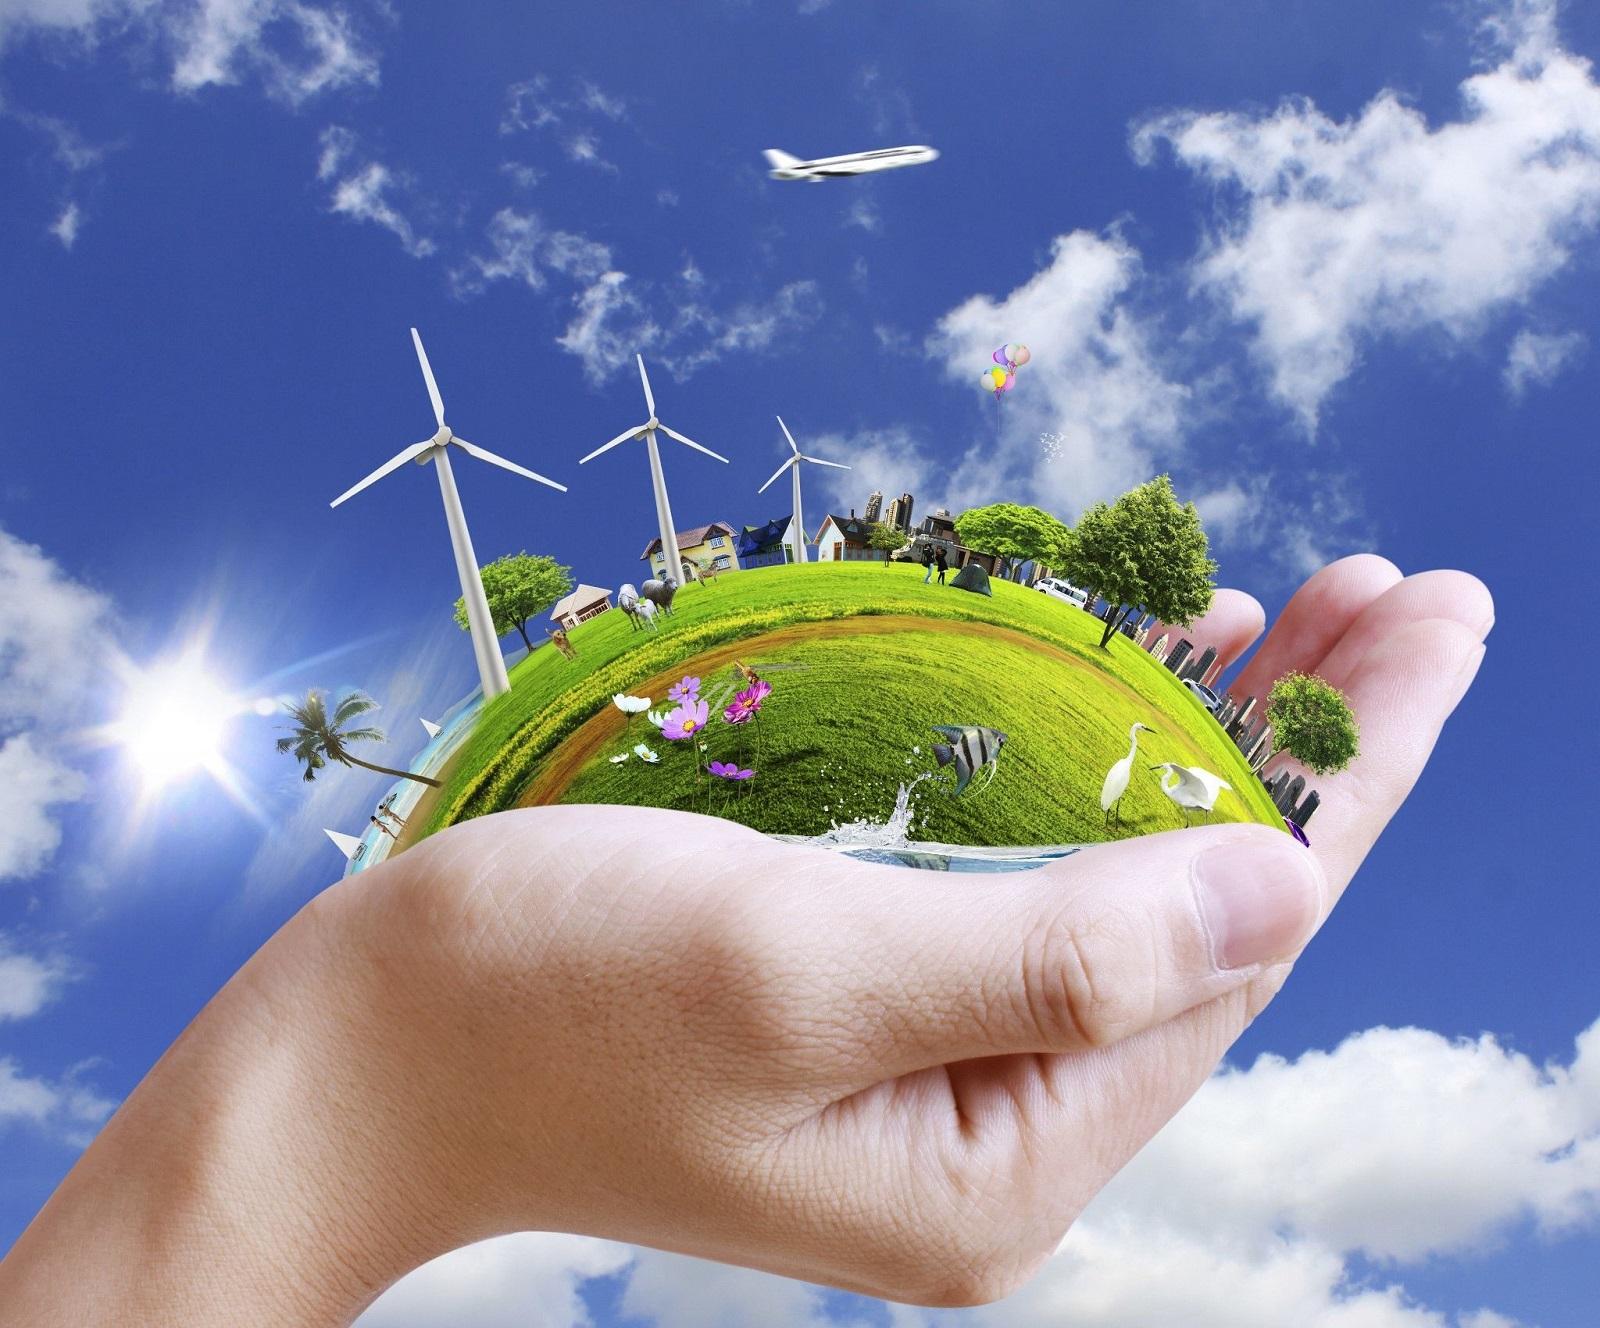 圣彼得堡国立大学本科专业《生态与环境管理》详细介绍!插图-小狮座俄罗斯留学